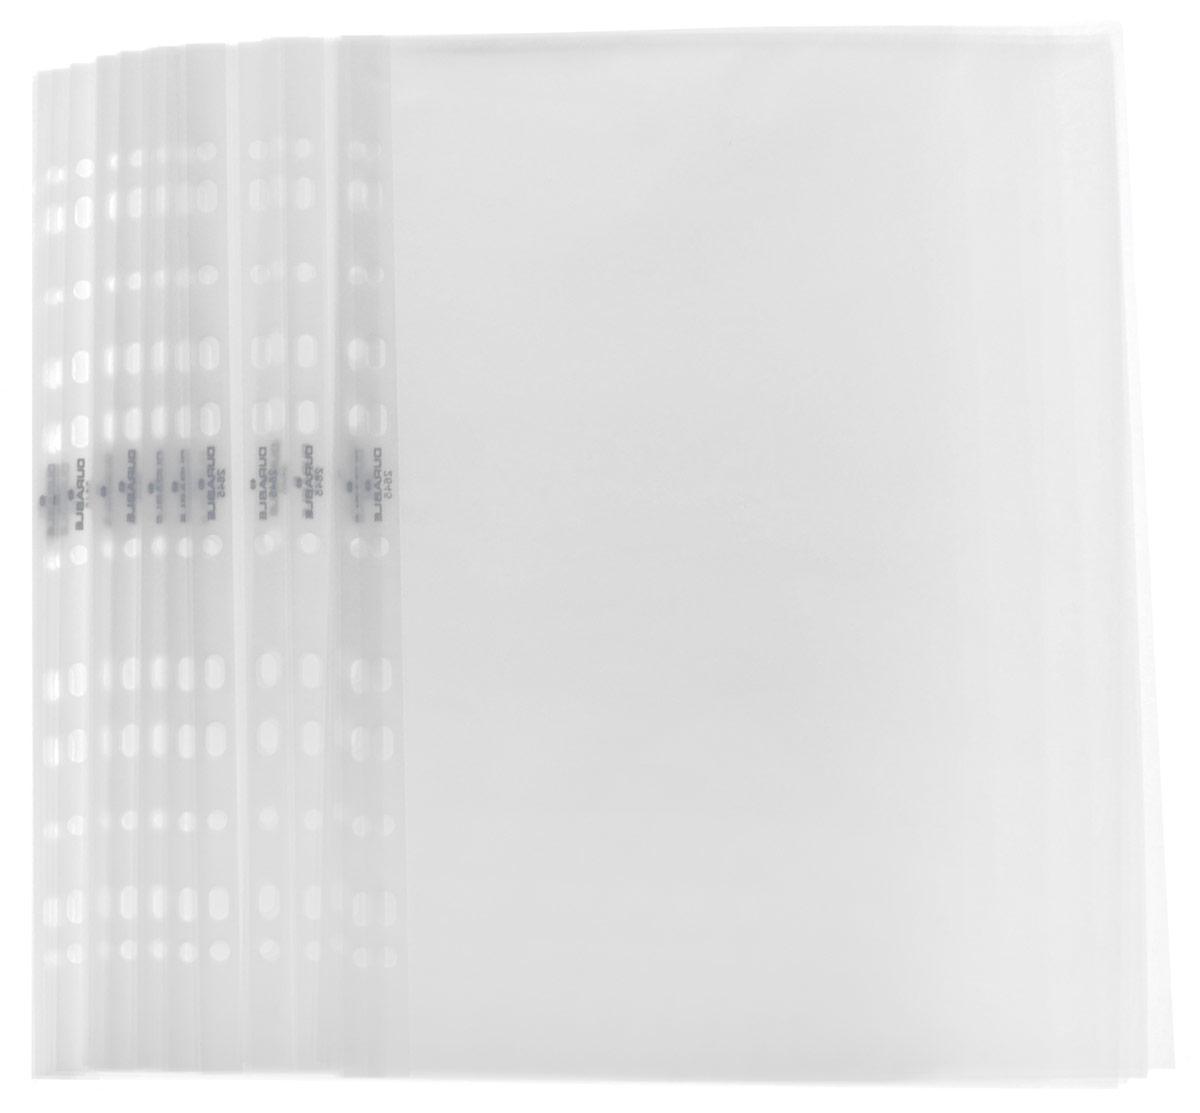 Durable Файл-вкладыш с перфорацией цвет прозрачный 50 шт 2645-192645-19Файл-вкладыш Durable отлично подойдет для подшивки документов в архивные папки без перфорирования дыроколом.Выполнен из особо прочного материала, предназначен для документов формата А4 и А4+. Файл вмещает до 40 листов, имеет прочный шов. Мультиперфорация совместима с папками на 2 и 4 кольцах.В упаковке 50 файлов-вкладышей.